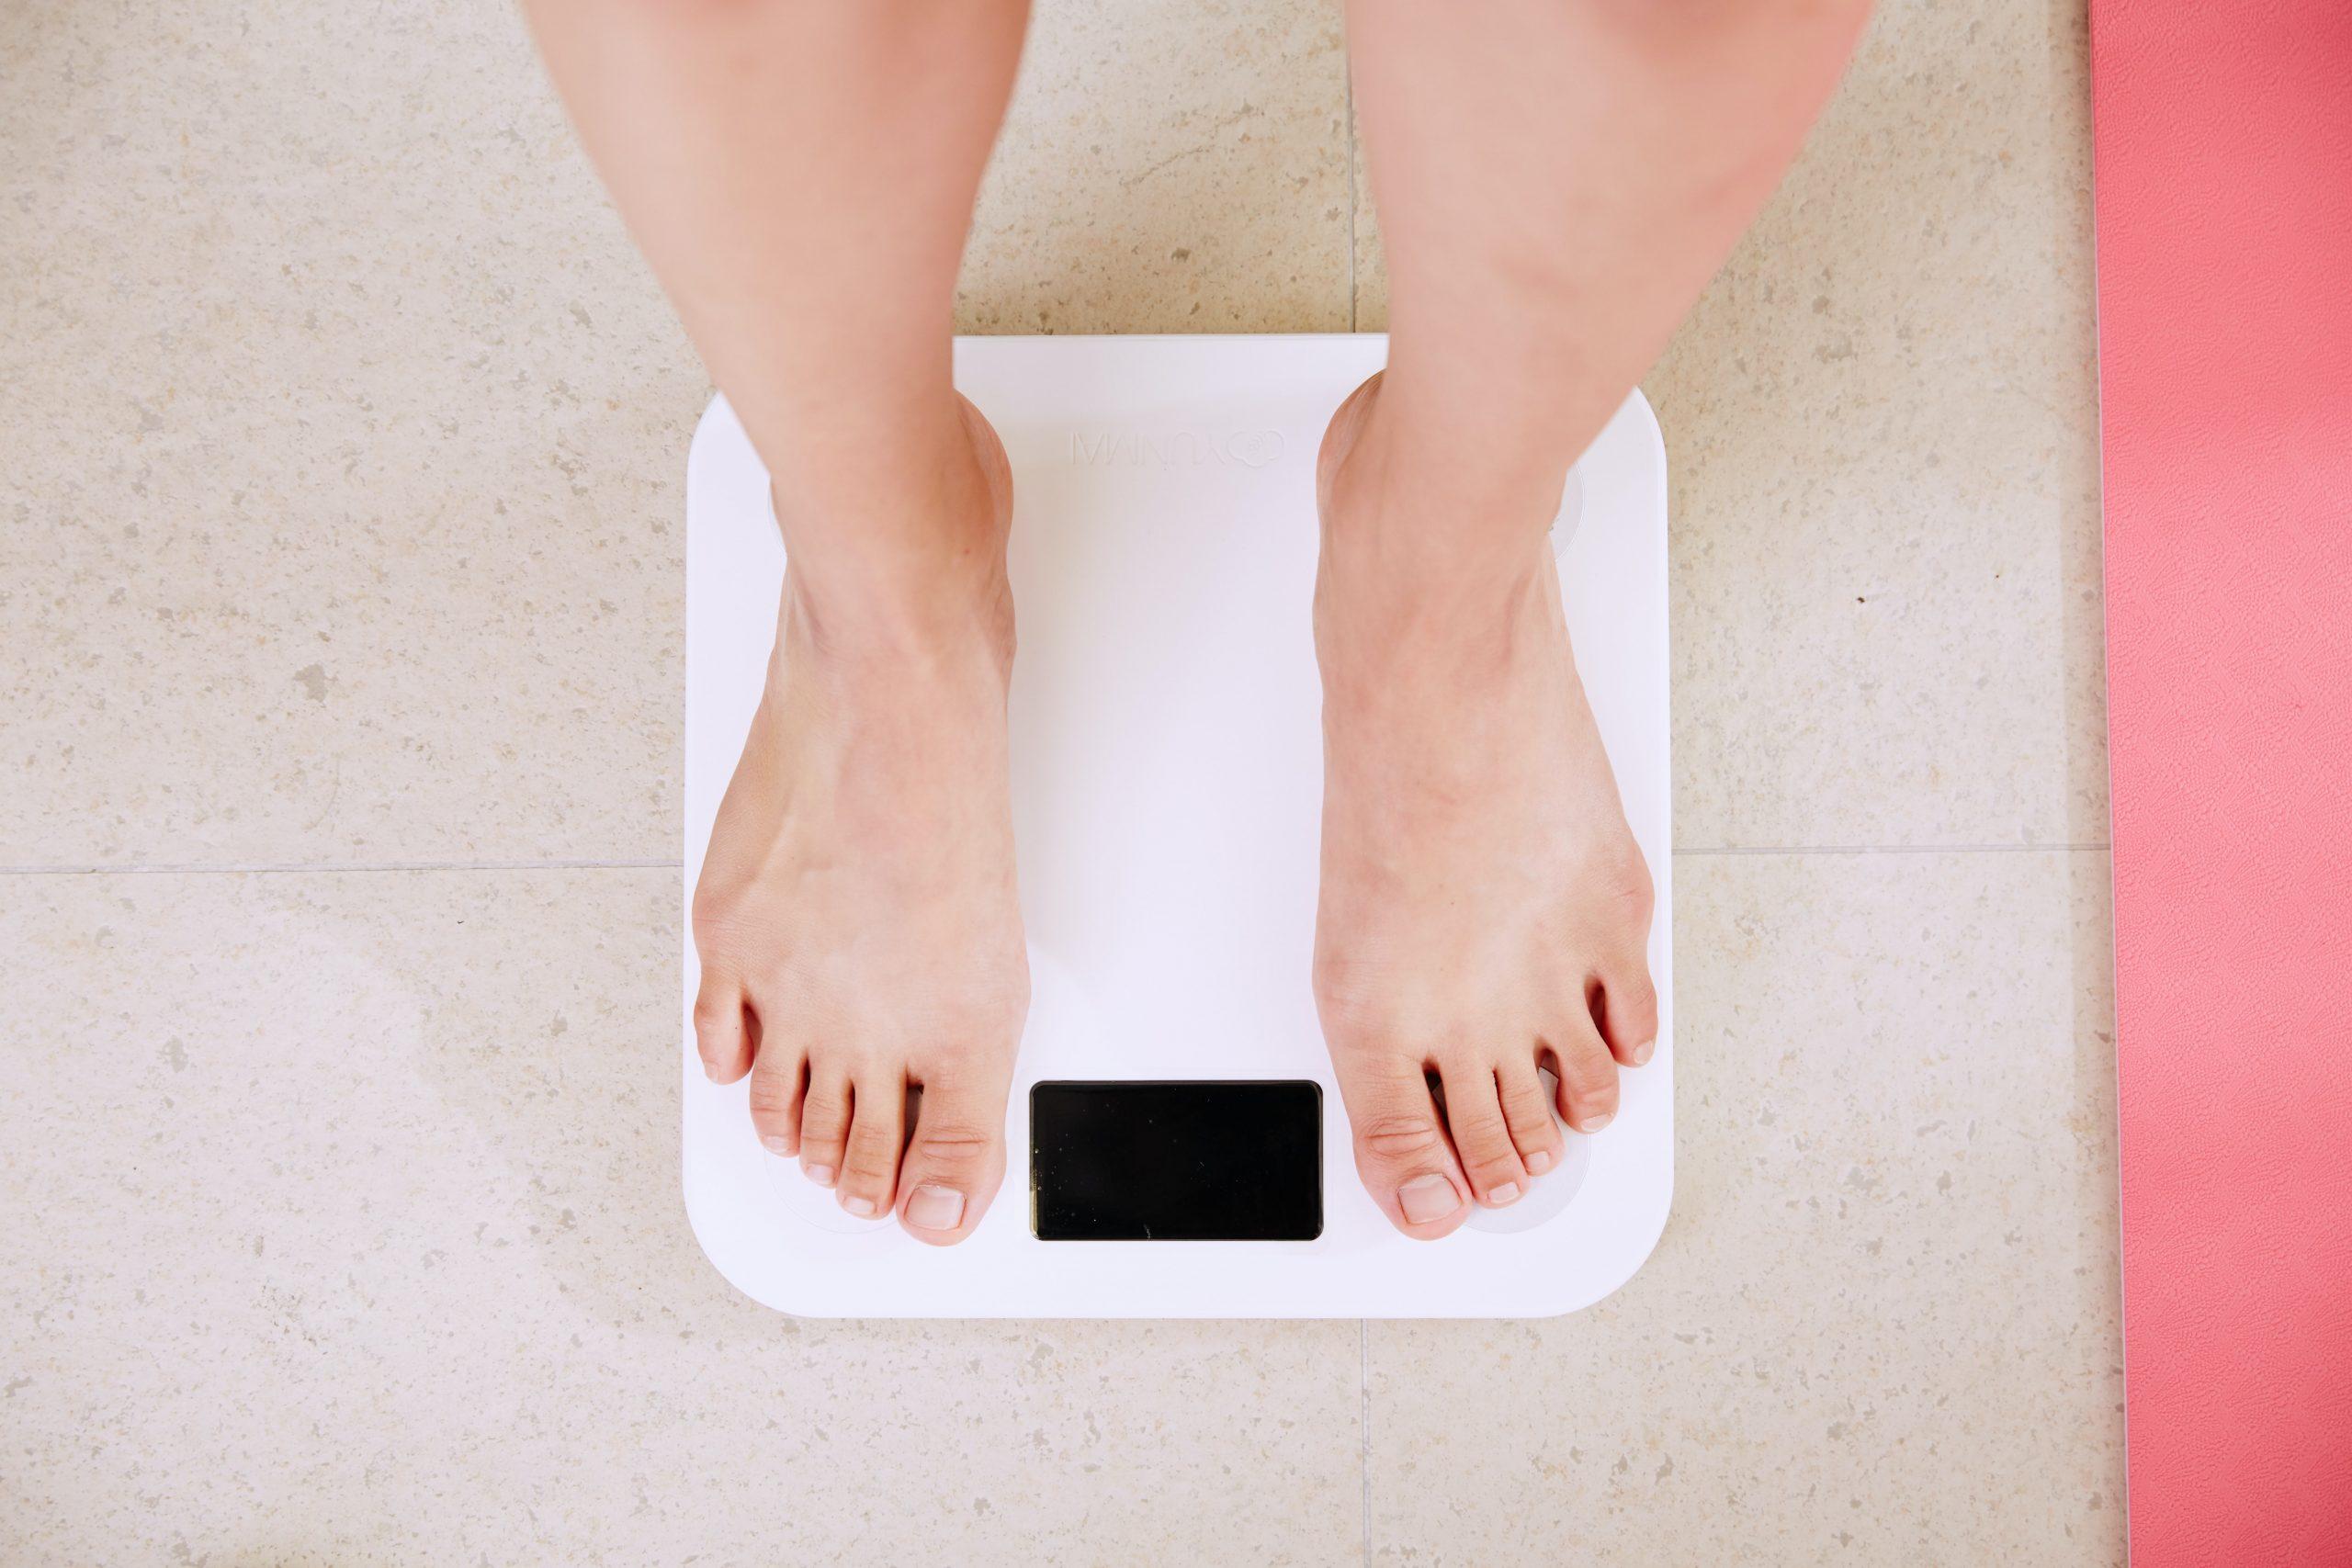 Imagem de uma mulher se pesando.